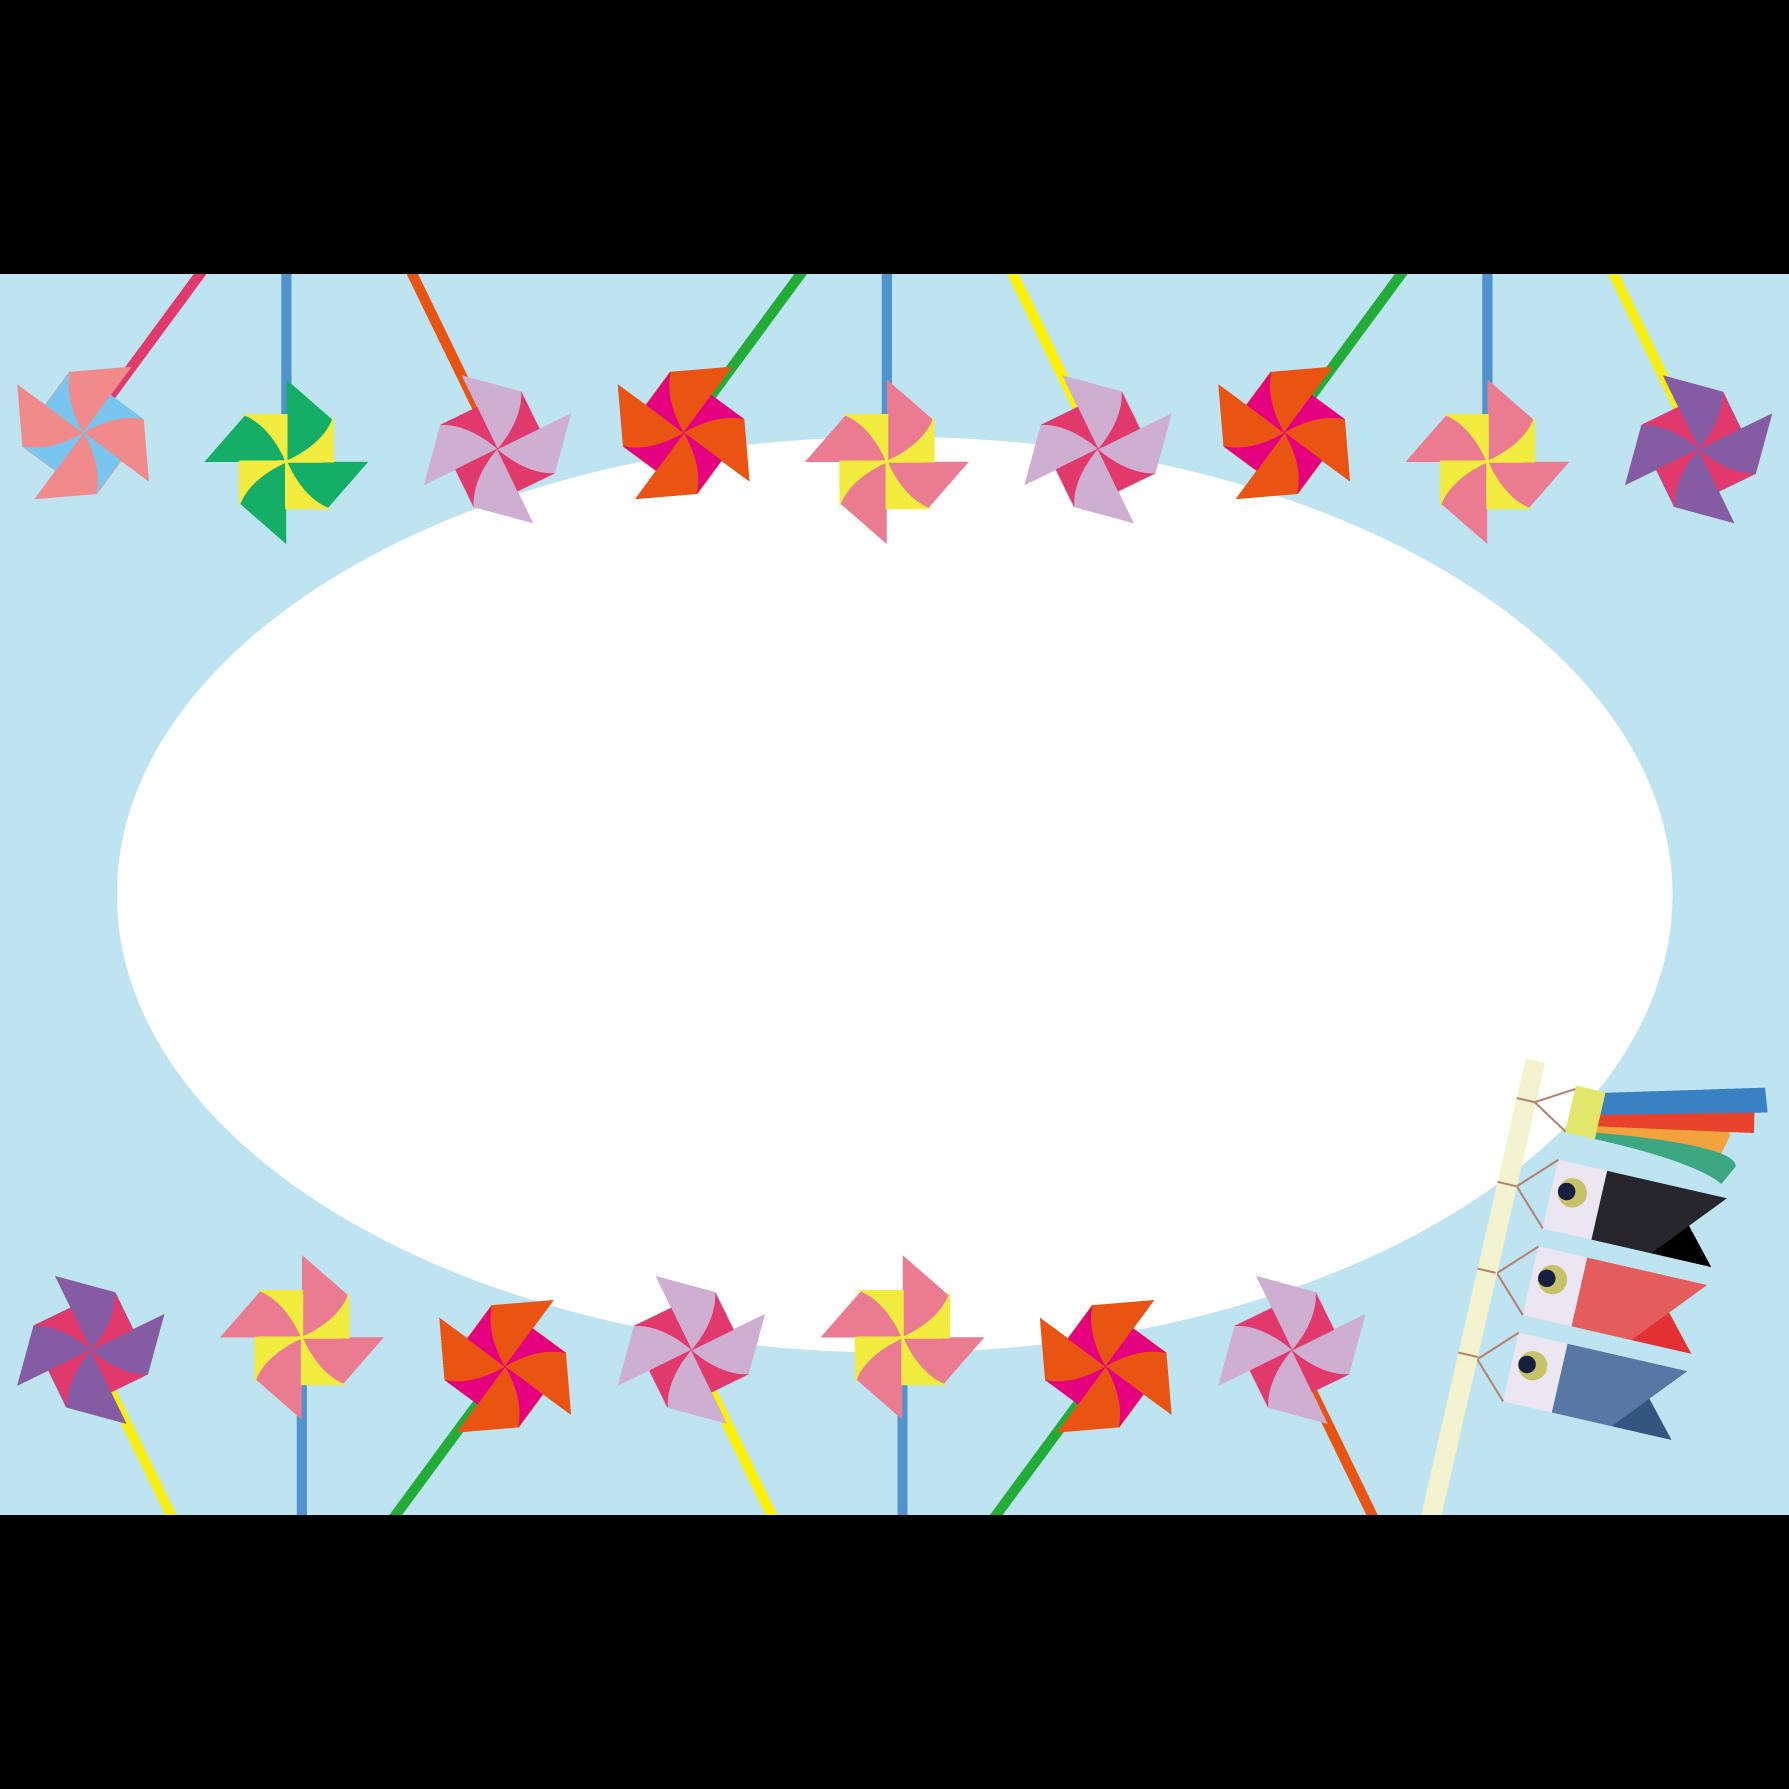 風車かわいい 子供の日こどもの日のフレーム枠 イラスト